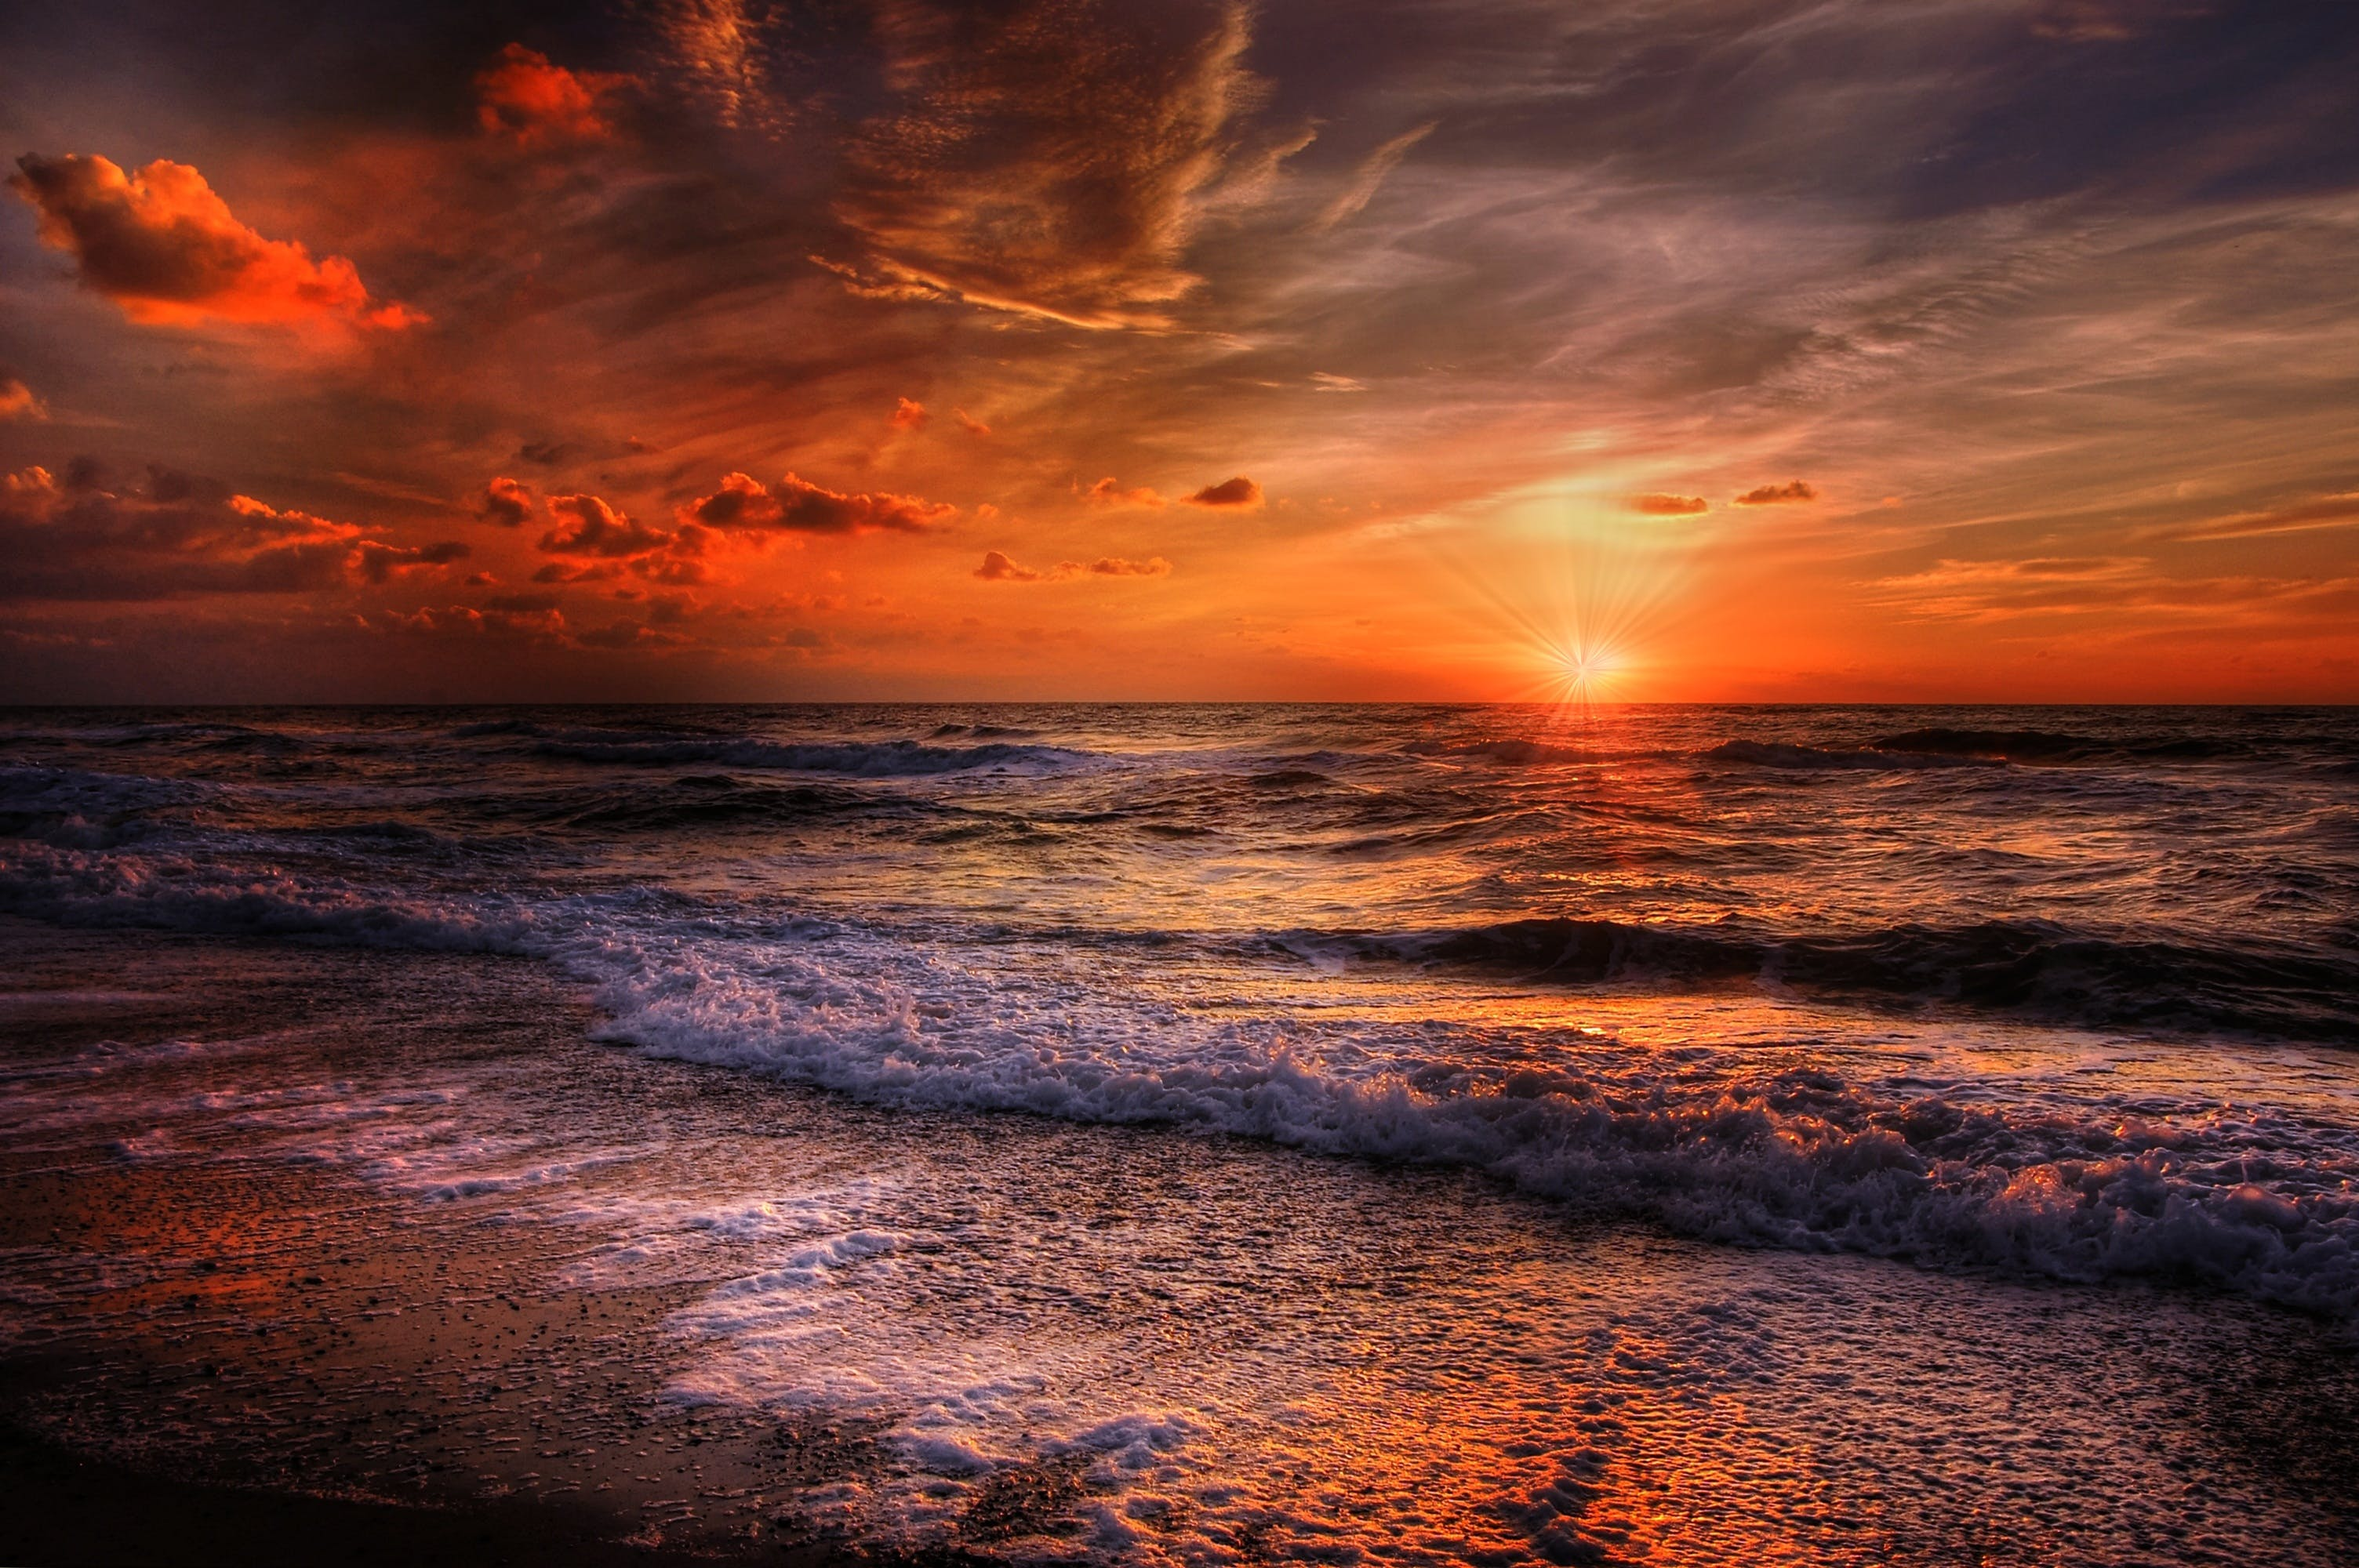 Kostenloses Stock Foto zu friedvoll, himmel, idyllisch, landschaftlich